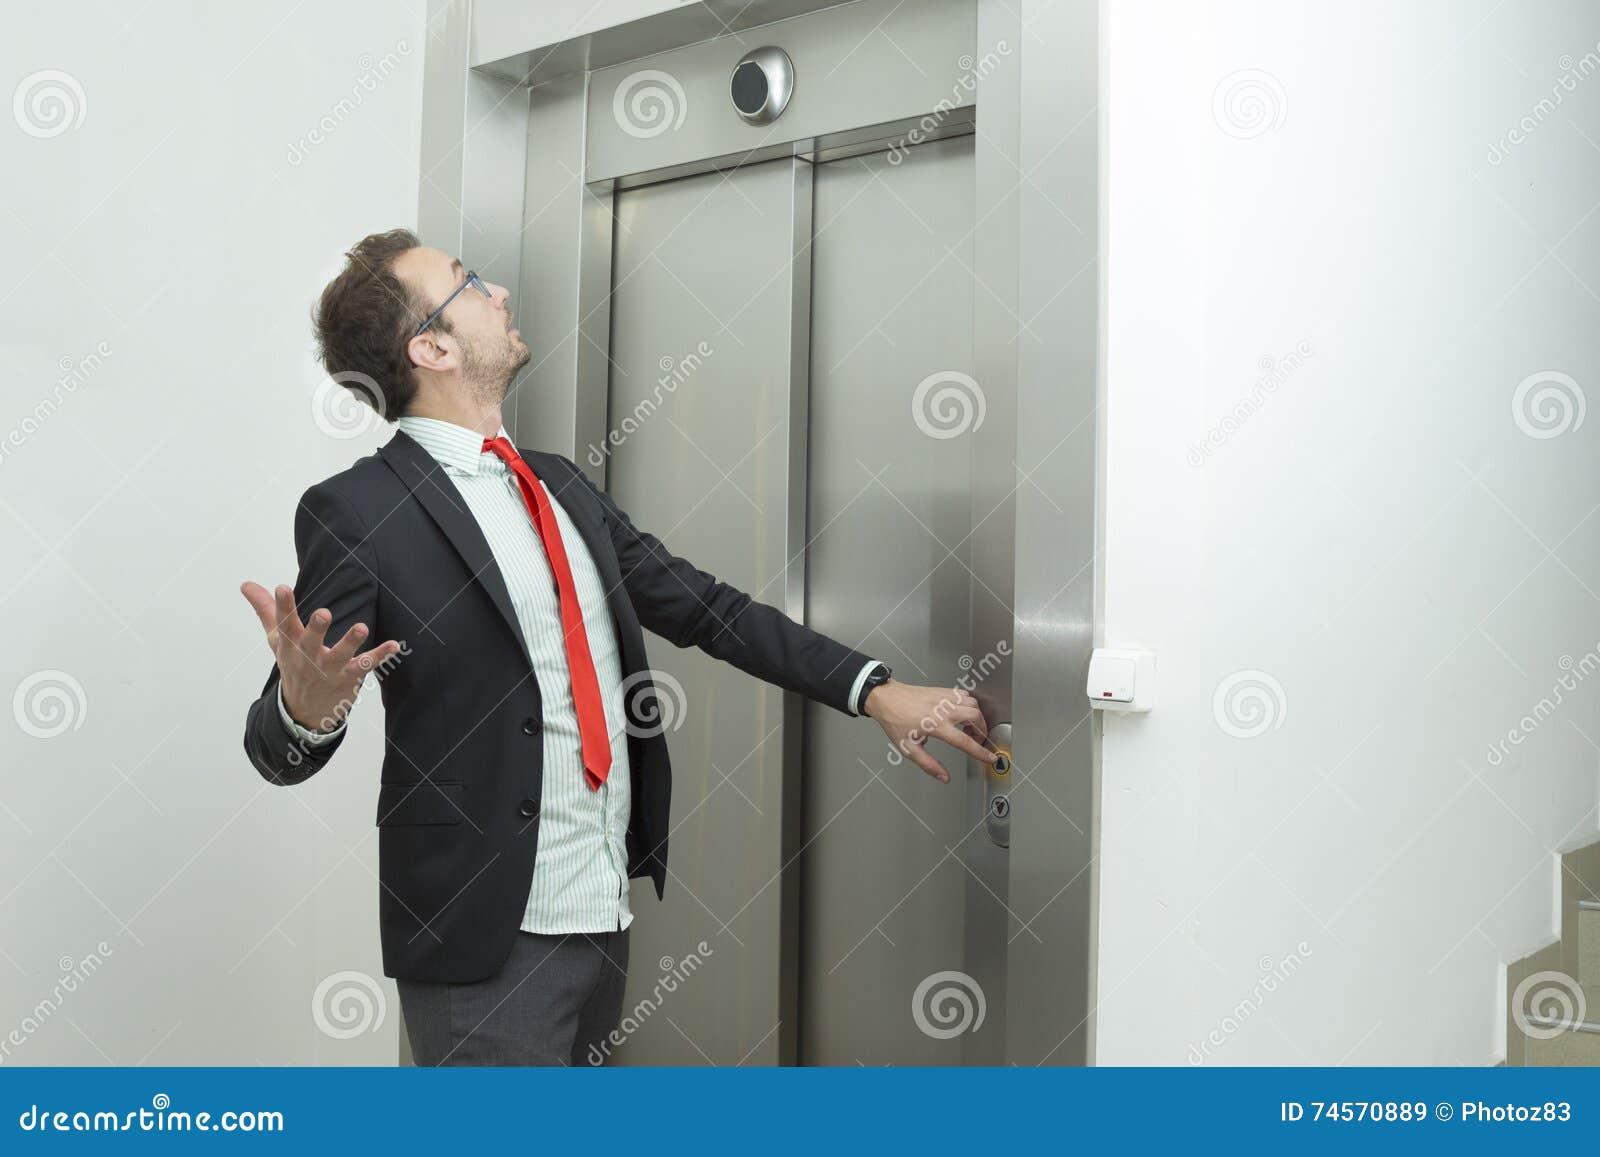 Бизнесмен confused потому что лифт не работает